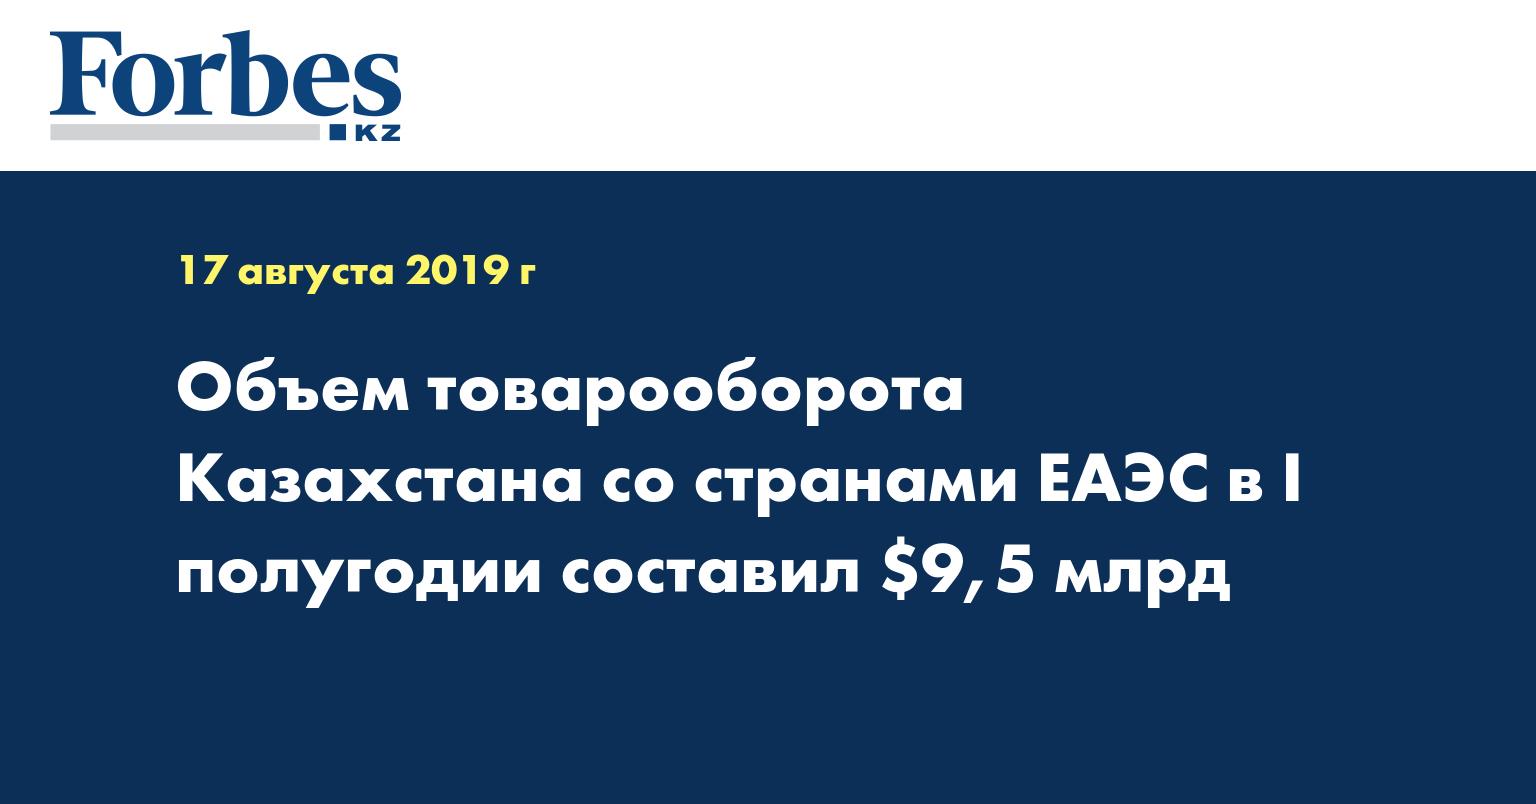 Объем товарооборота Казахстана со странами ЕАЭС в I полугодии составил $9,5 млрд